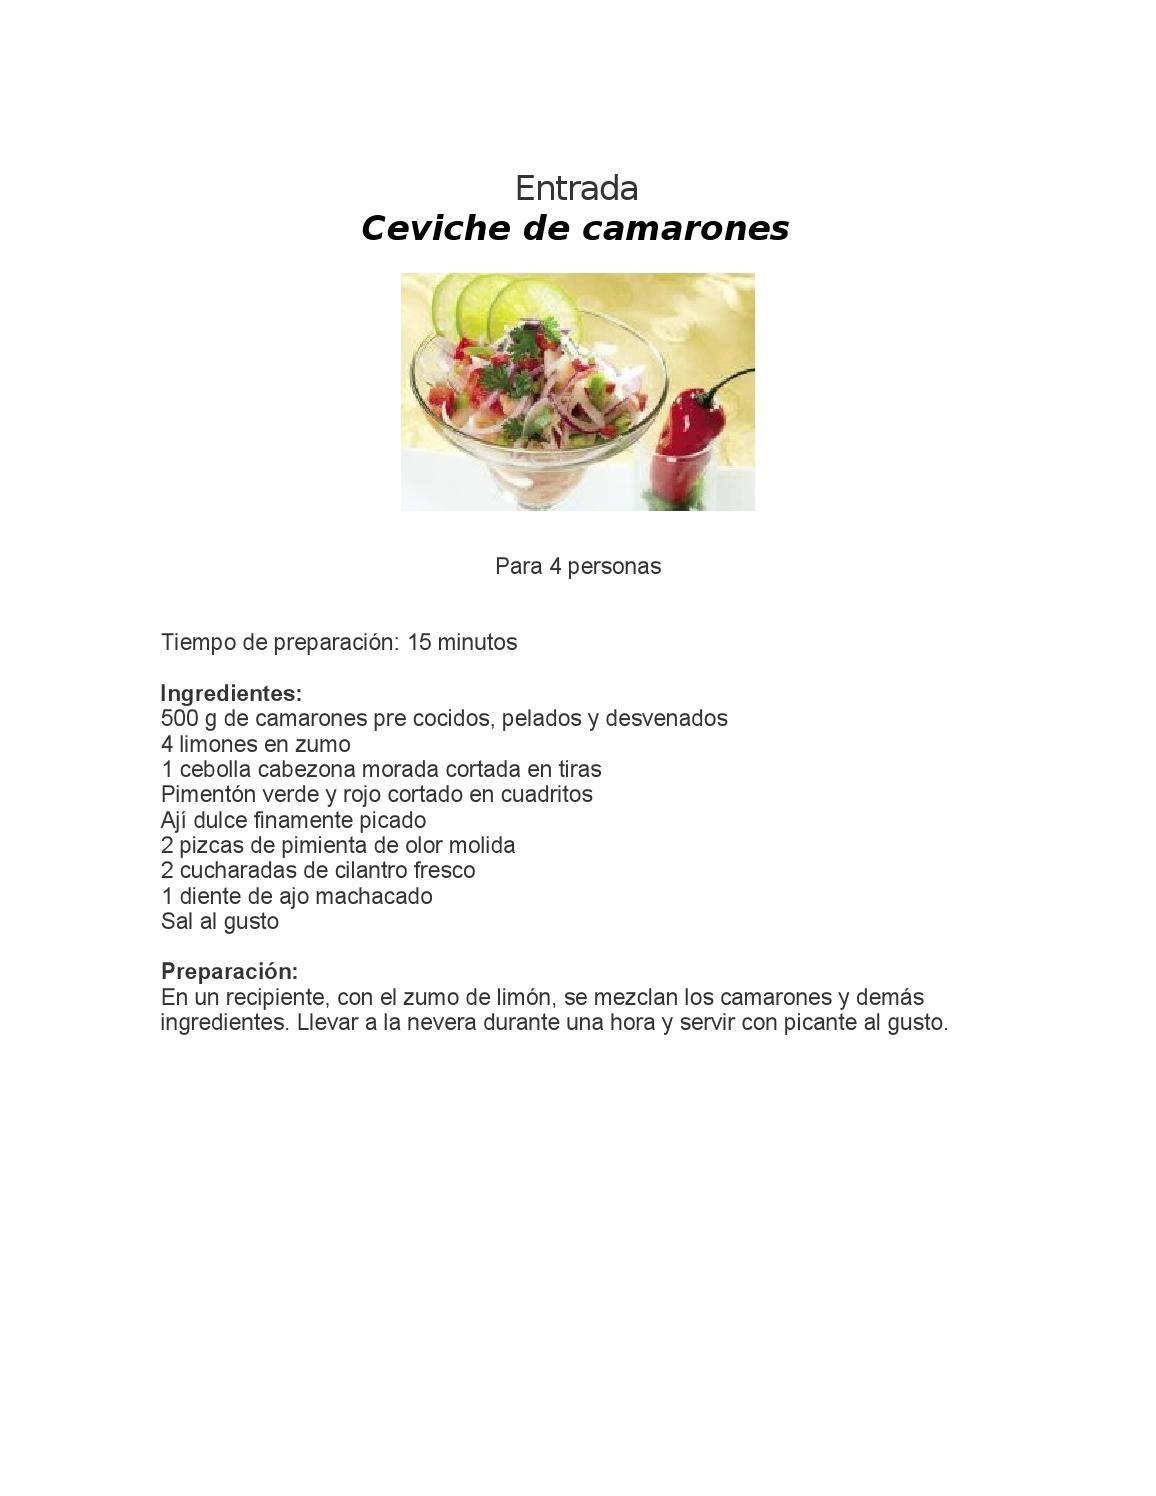 Hermoso recetarios de cocina pdf im genes recetas de los for Pdf de cocina